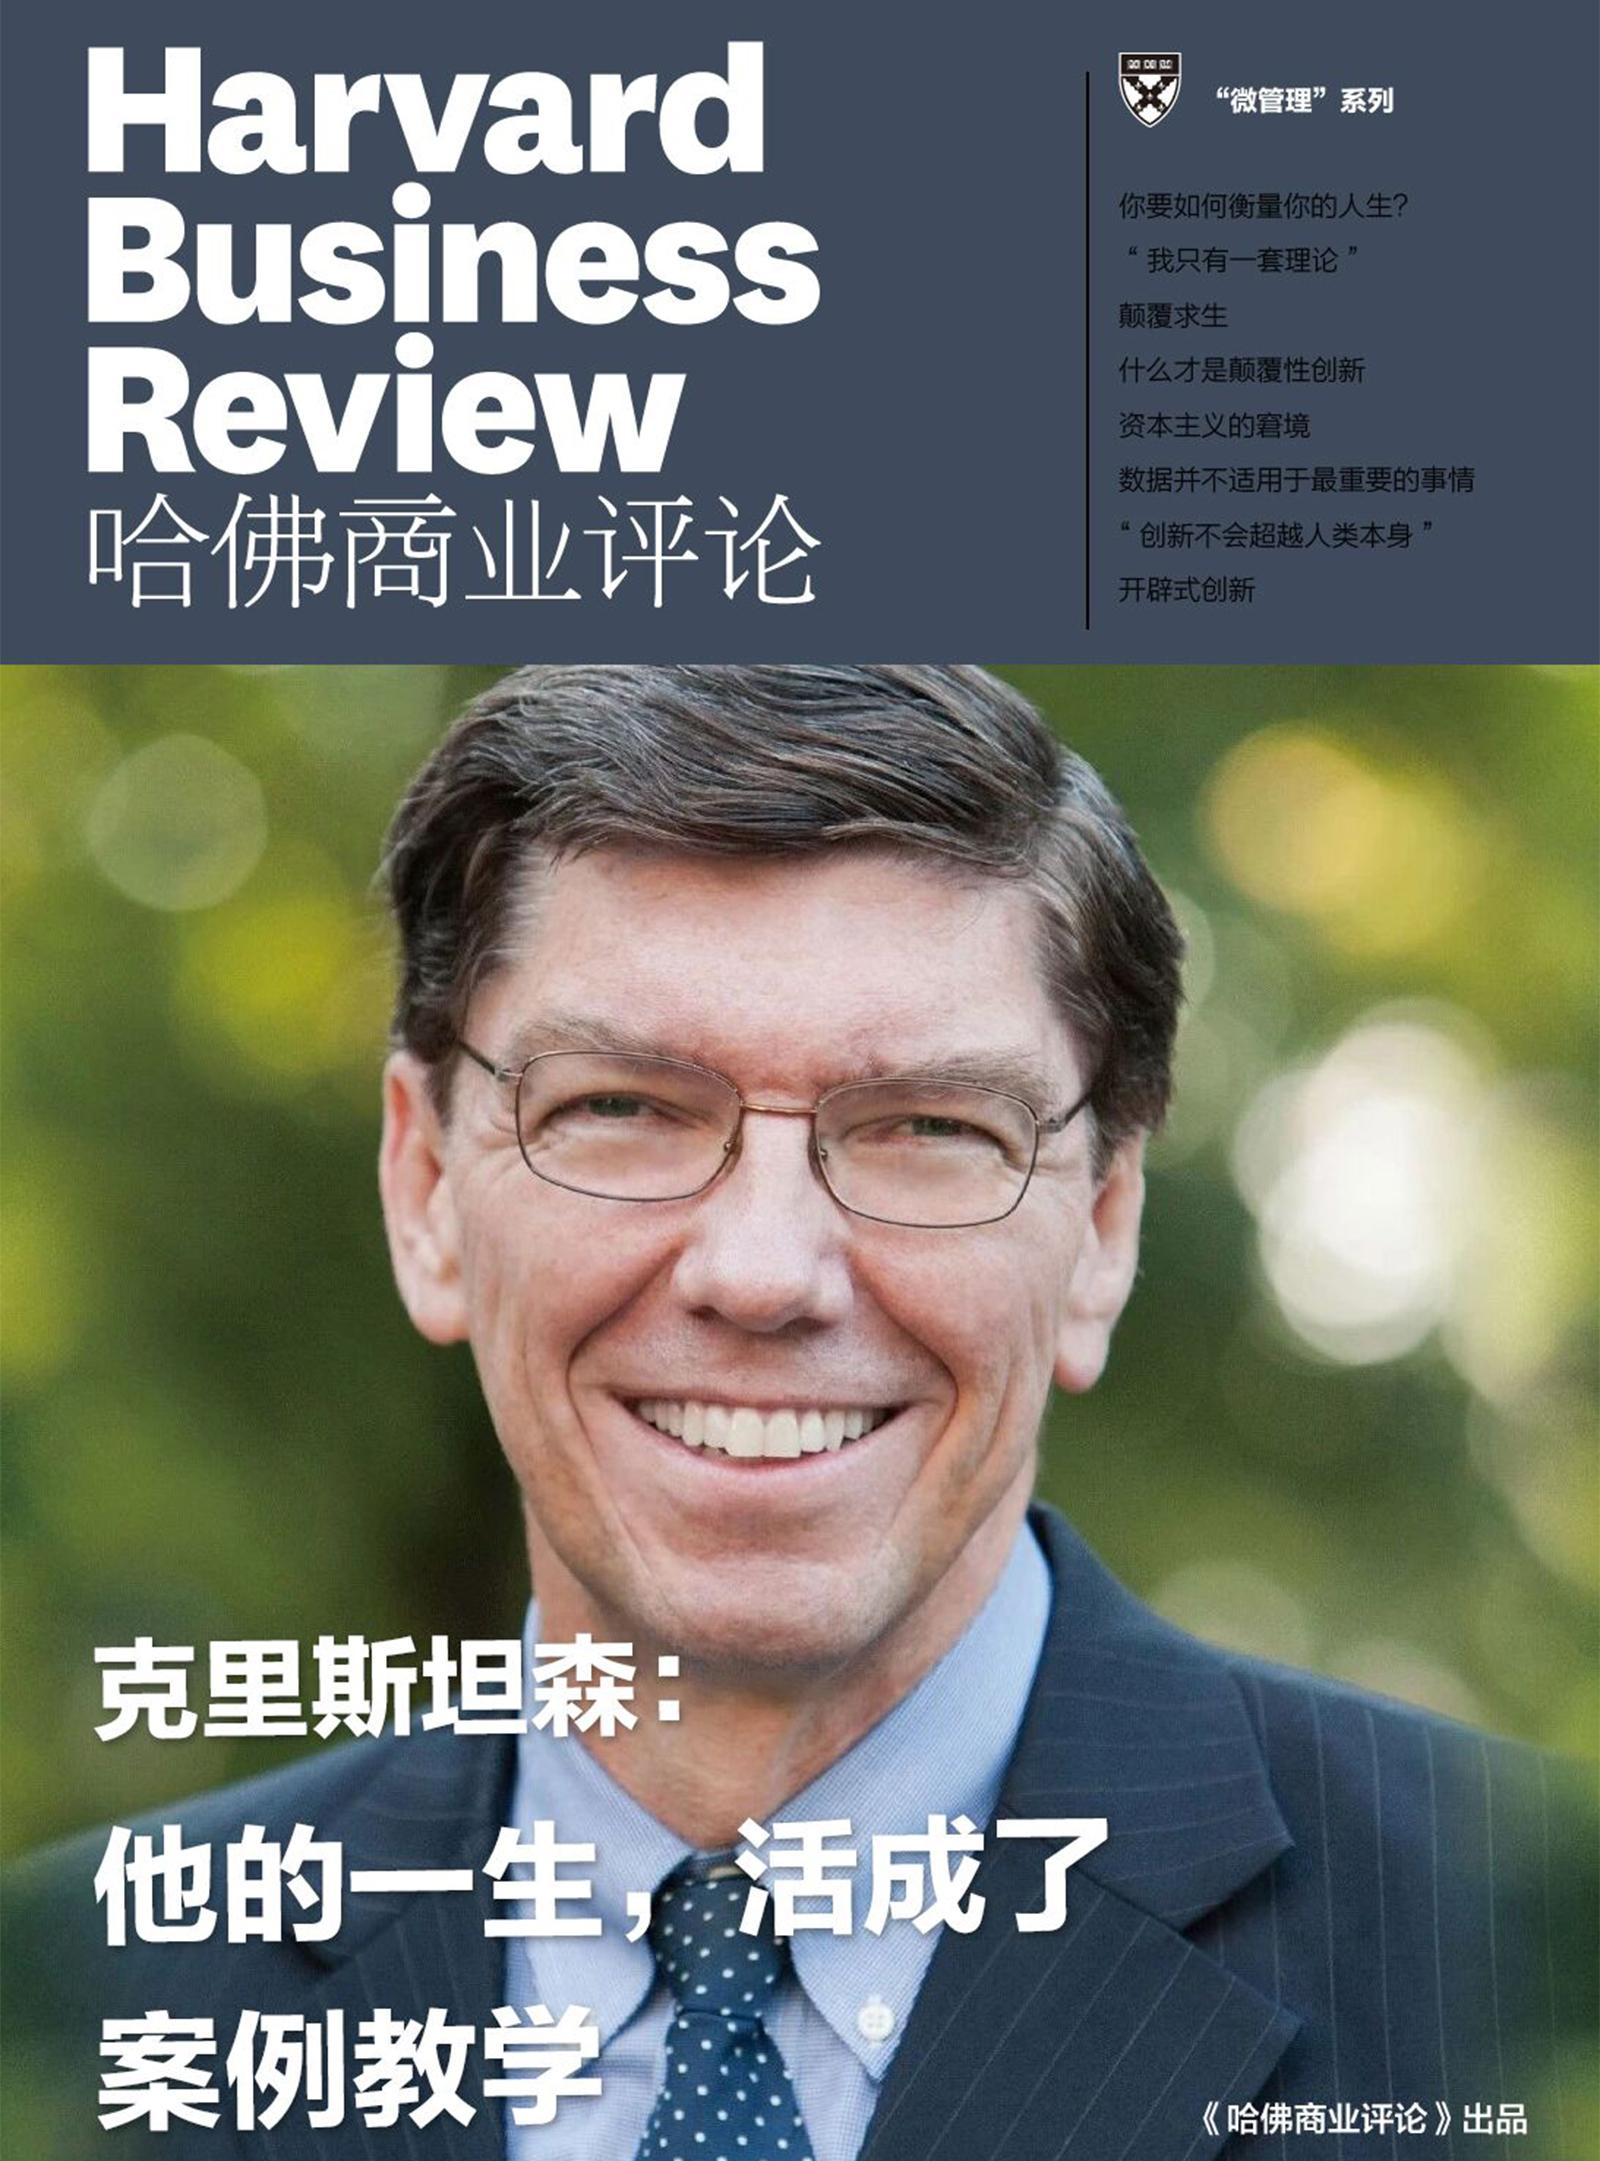 克里斯坦森:他的一生,活成了案例教学(《哈佛商业评论》微管理系列)(哈佛商业评论)